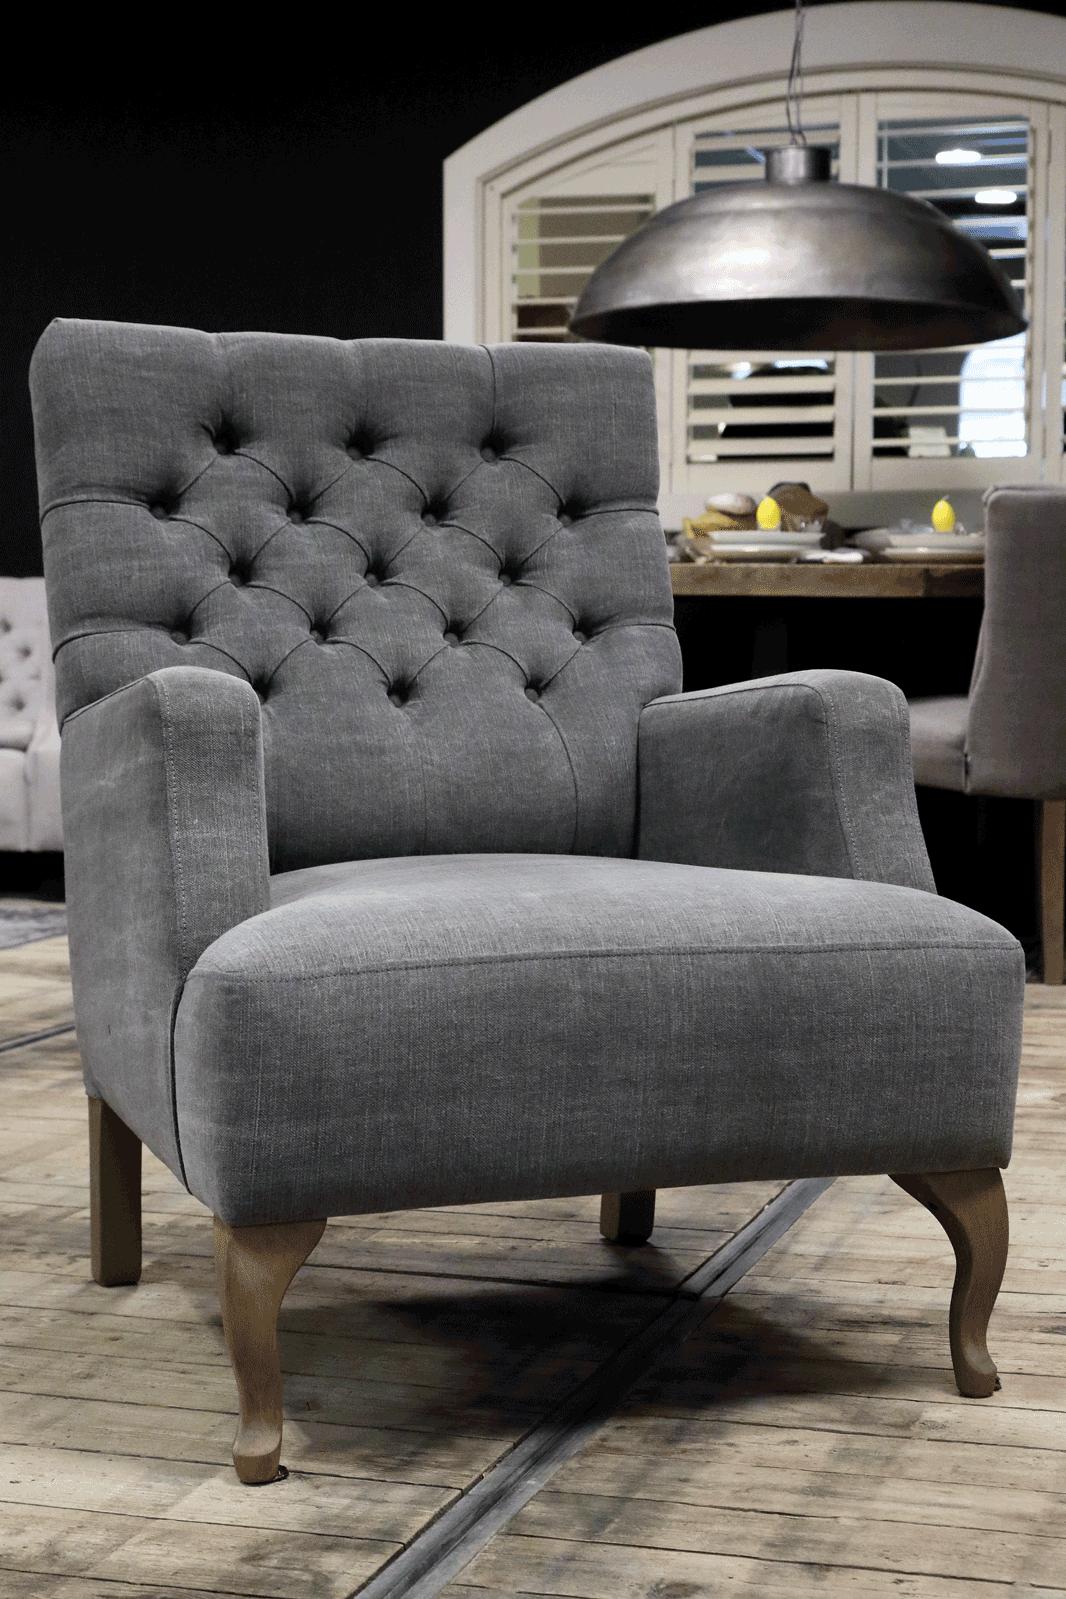 Landelijke meubelen, grijze fauteuils. Fauteuil met knopen en houten poten.